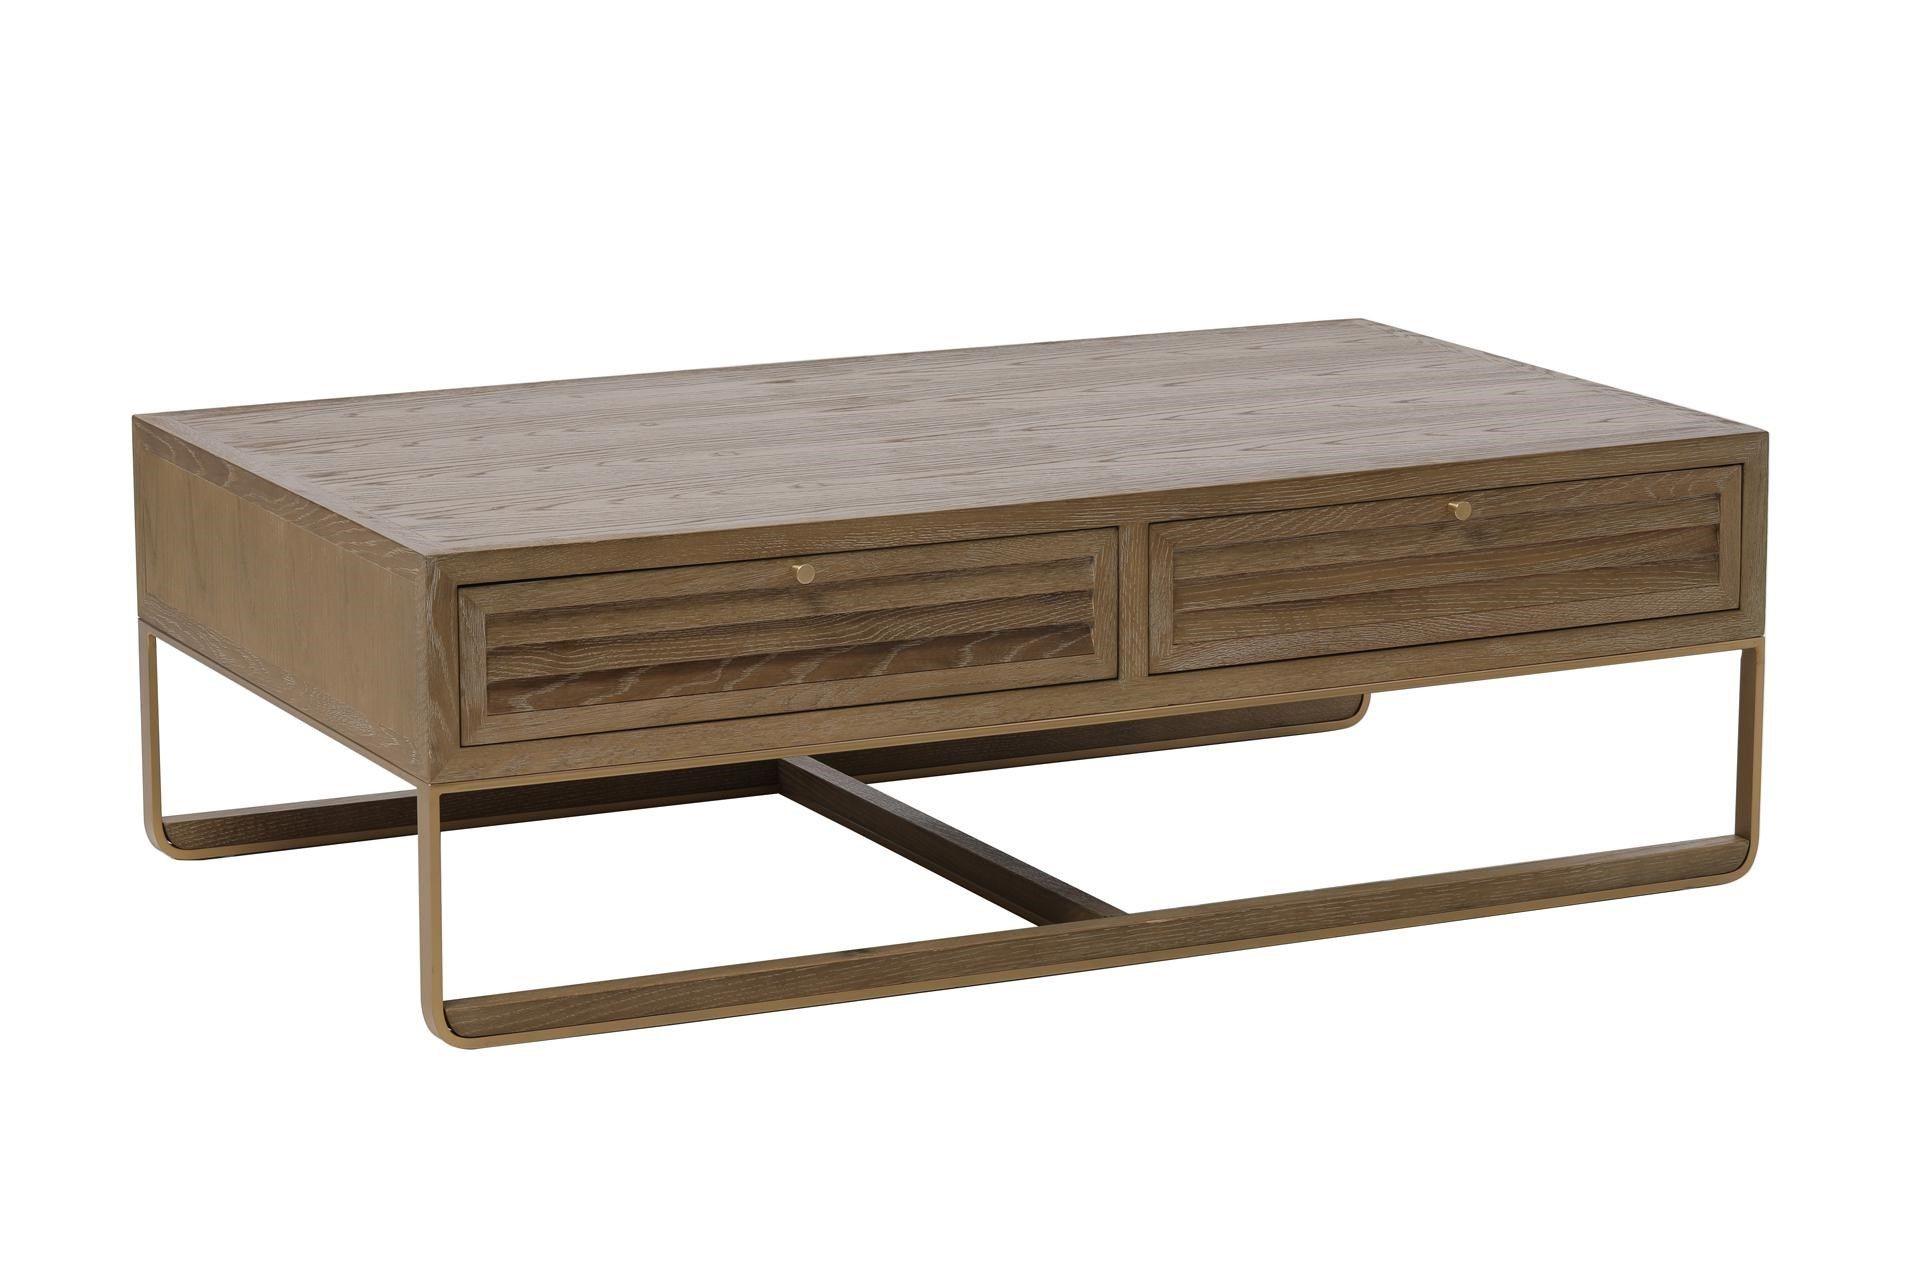 Oak Shutter 2 Drawer Coffee Table Coffee Table Door Coffee Tables Oak [ 1288 x 1911 Pixel ]